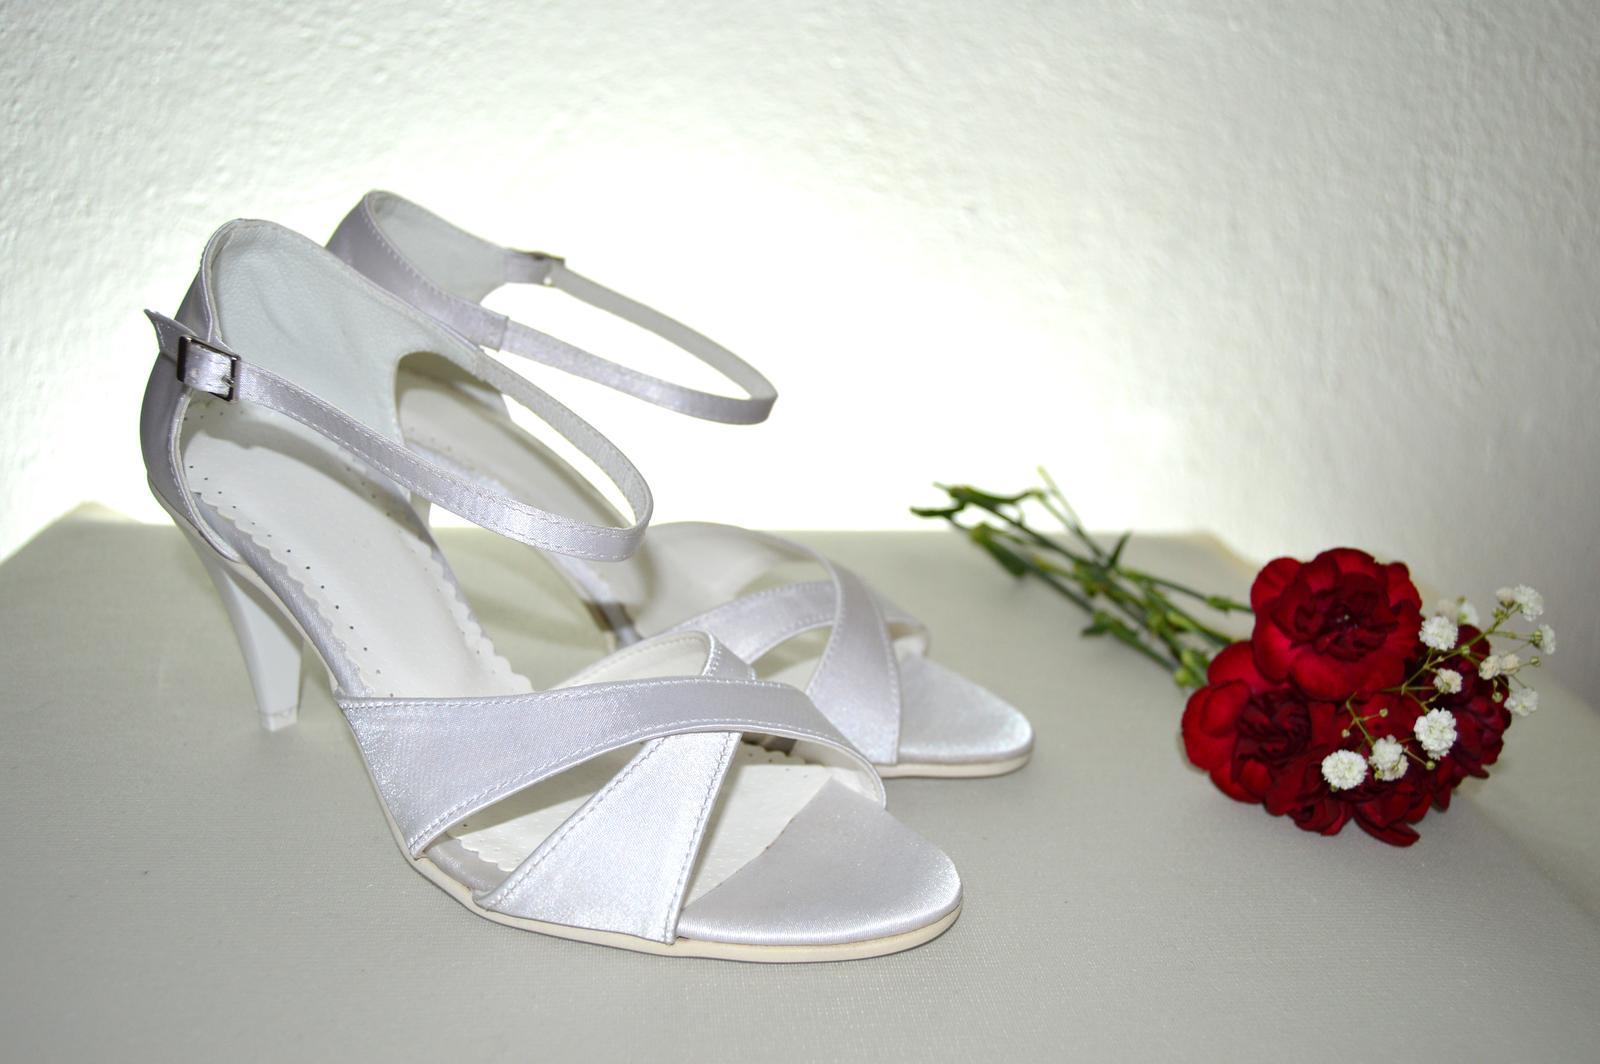 Svadobné topánky, inšpirácie z Vašich návrhov, farby biela, ivory, šampaň. - Svadobné sandálky satén biela, opatok 4,5 cm - model Xena K-styl, úpravy podľa želania klientky